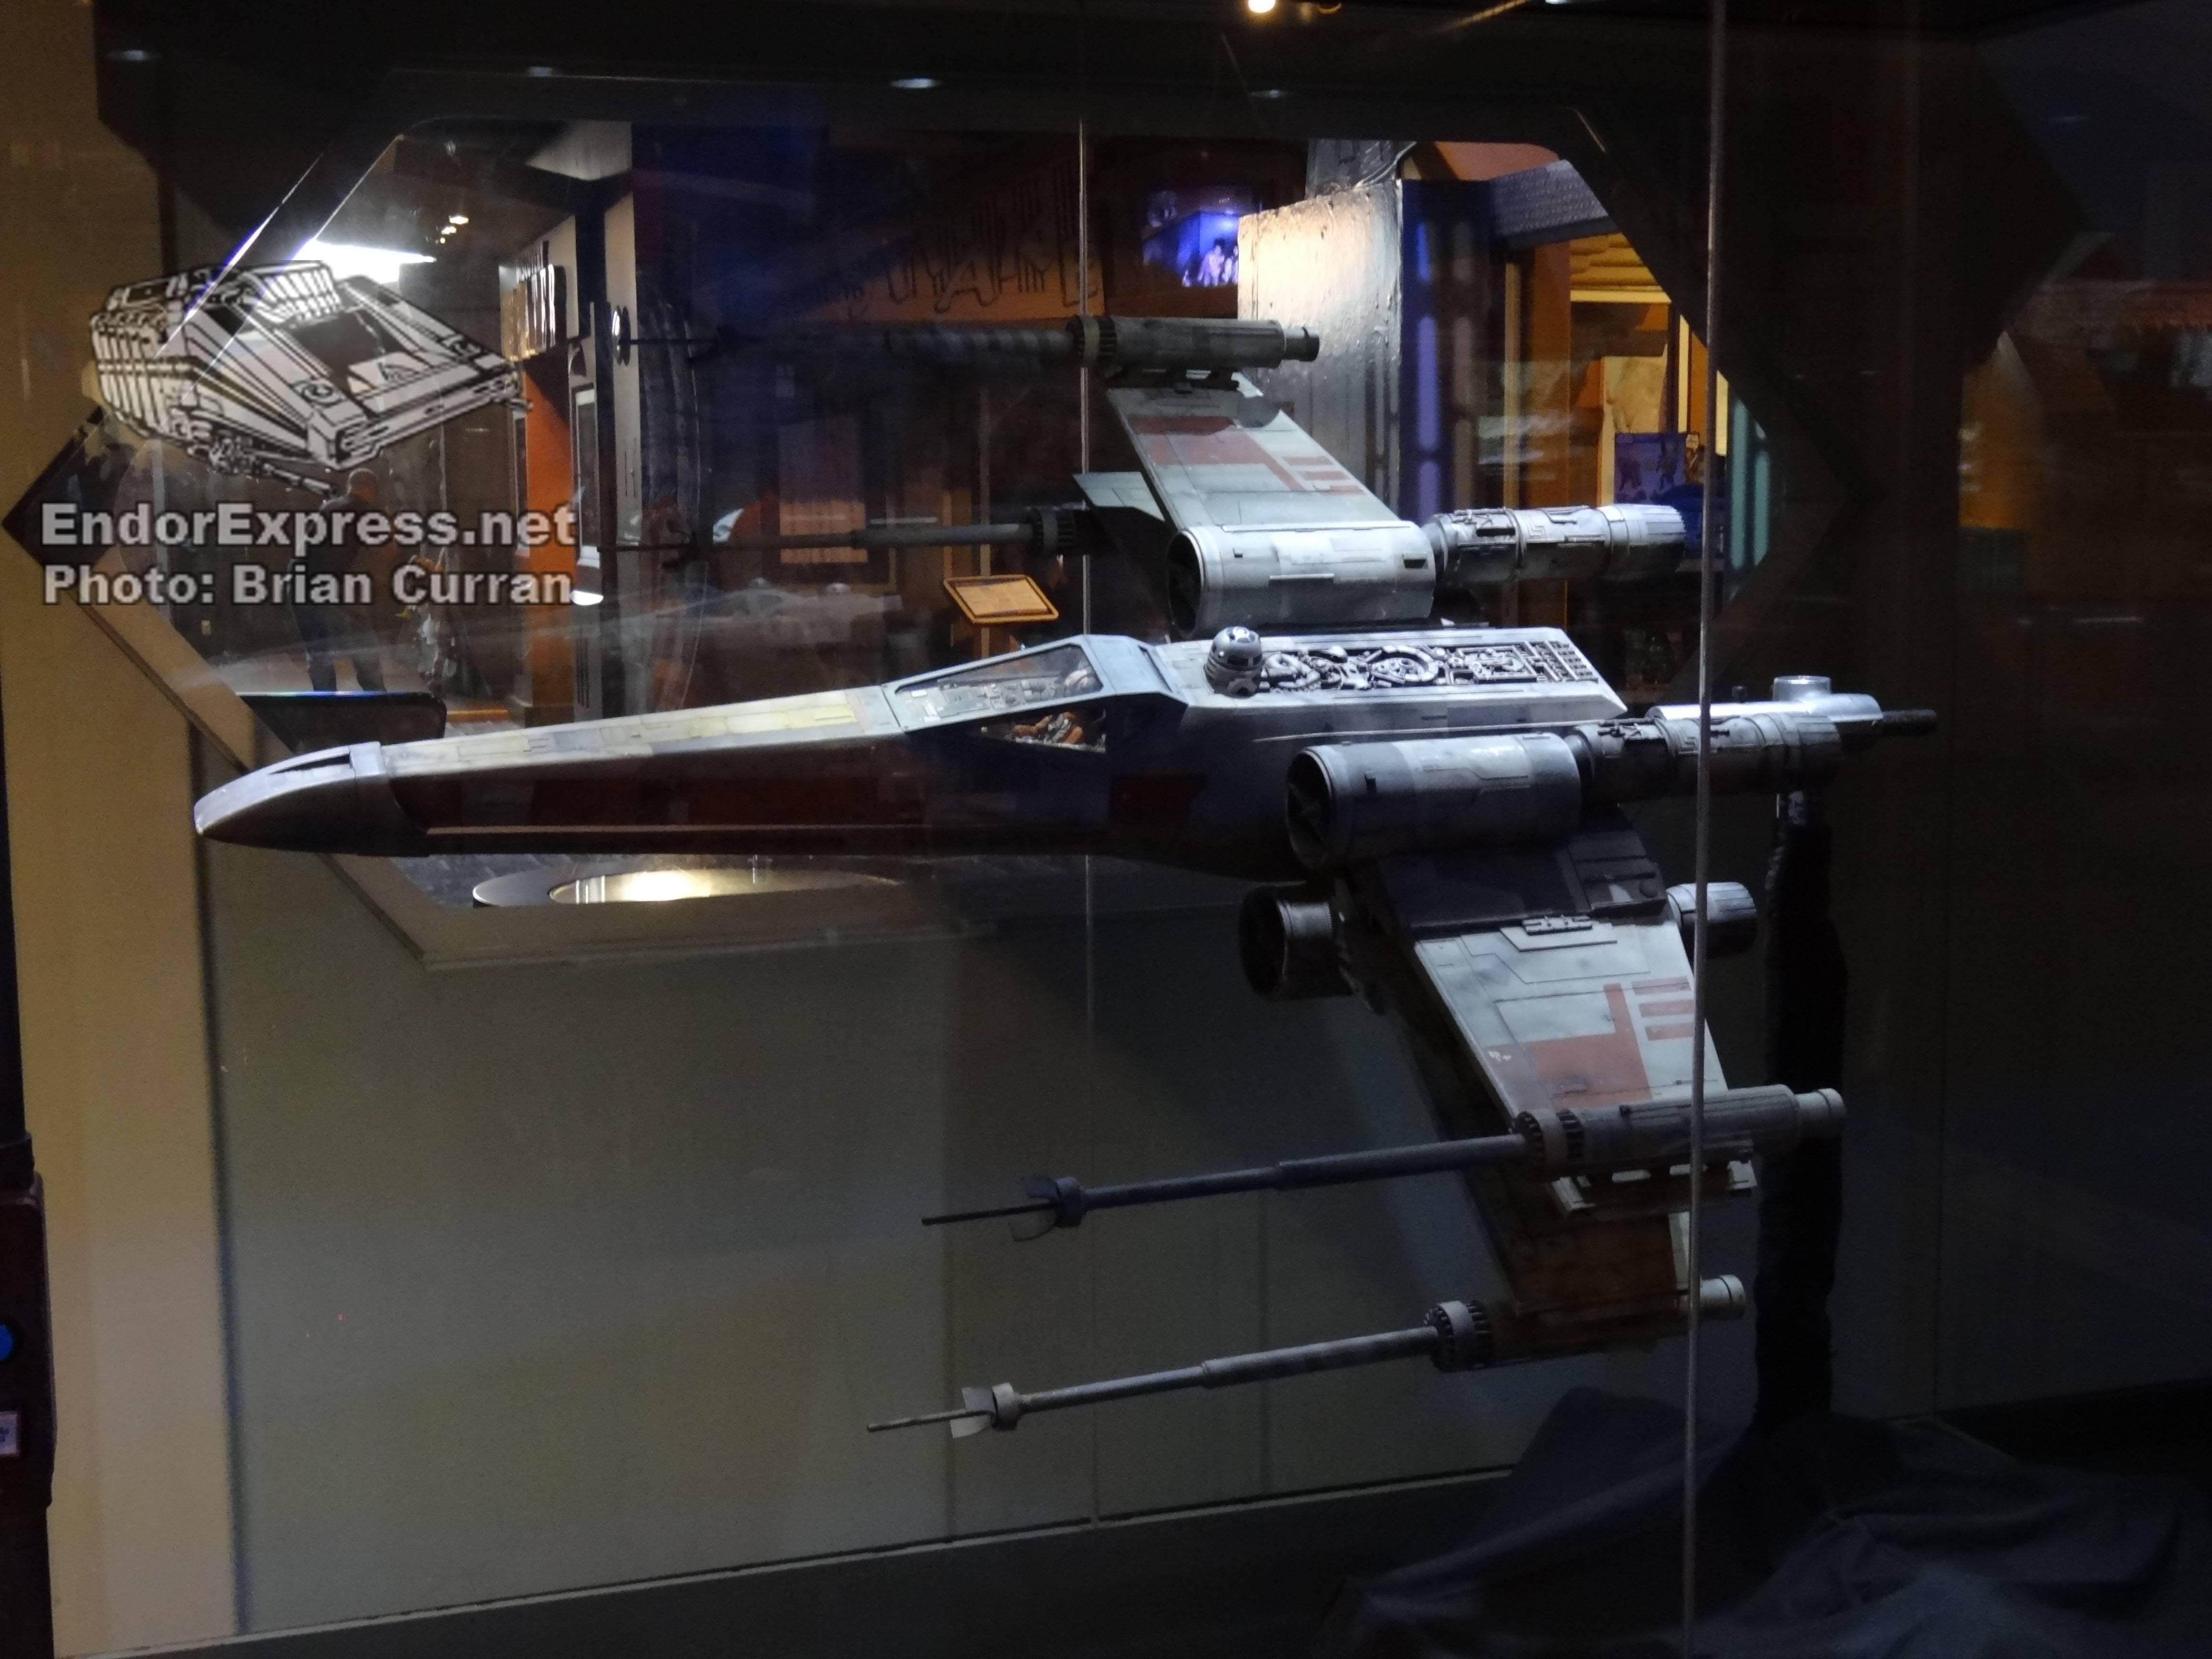 dsc-210